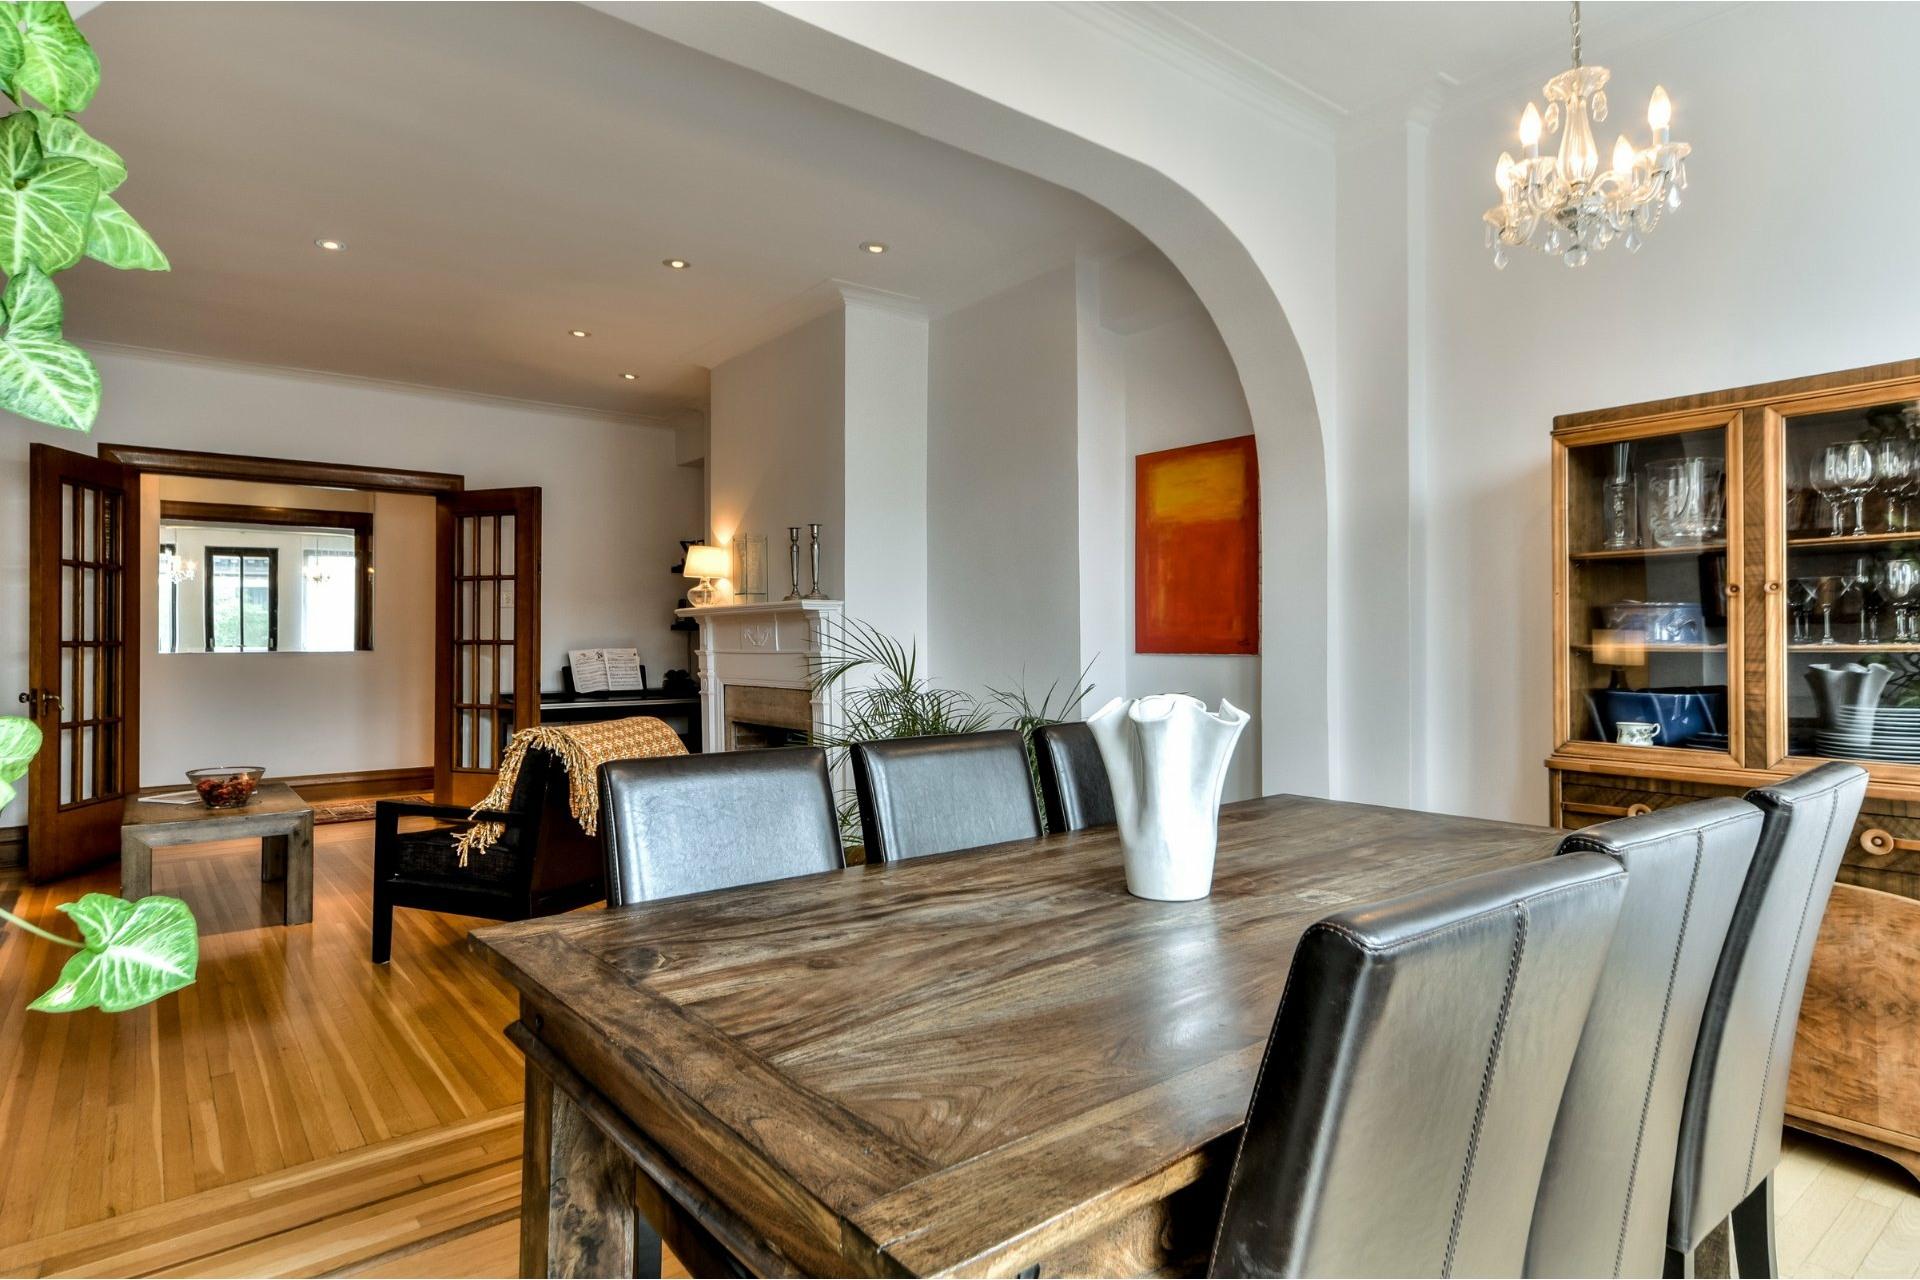 image 6 - Appartement À vendre Outremont Montréal  - 7 pièces